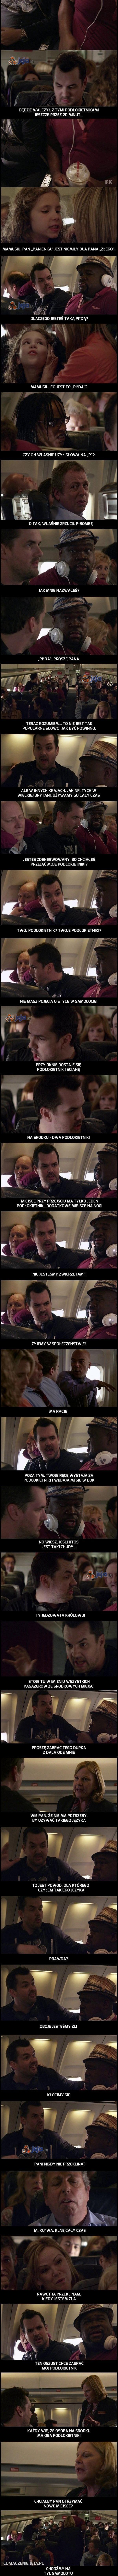 Etykieta w samolocie